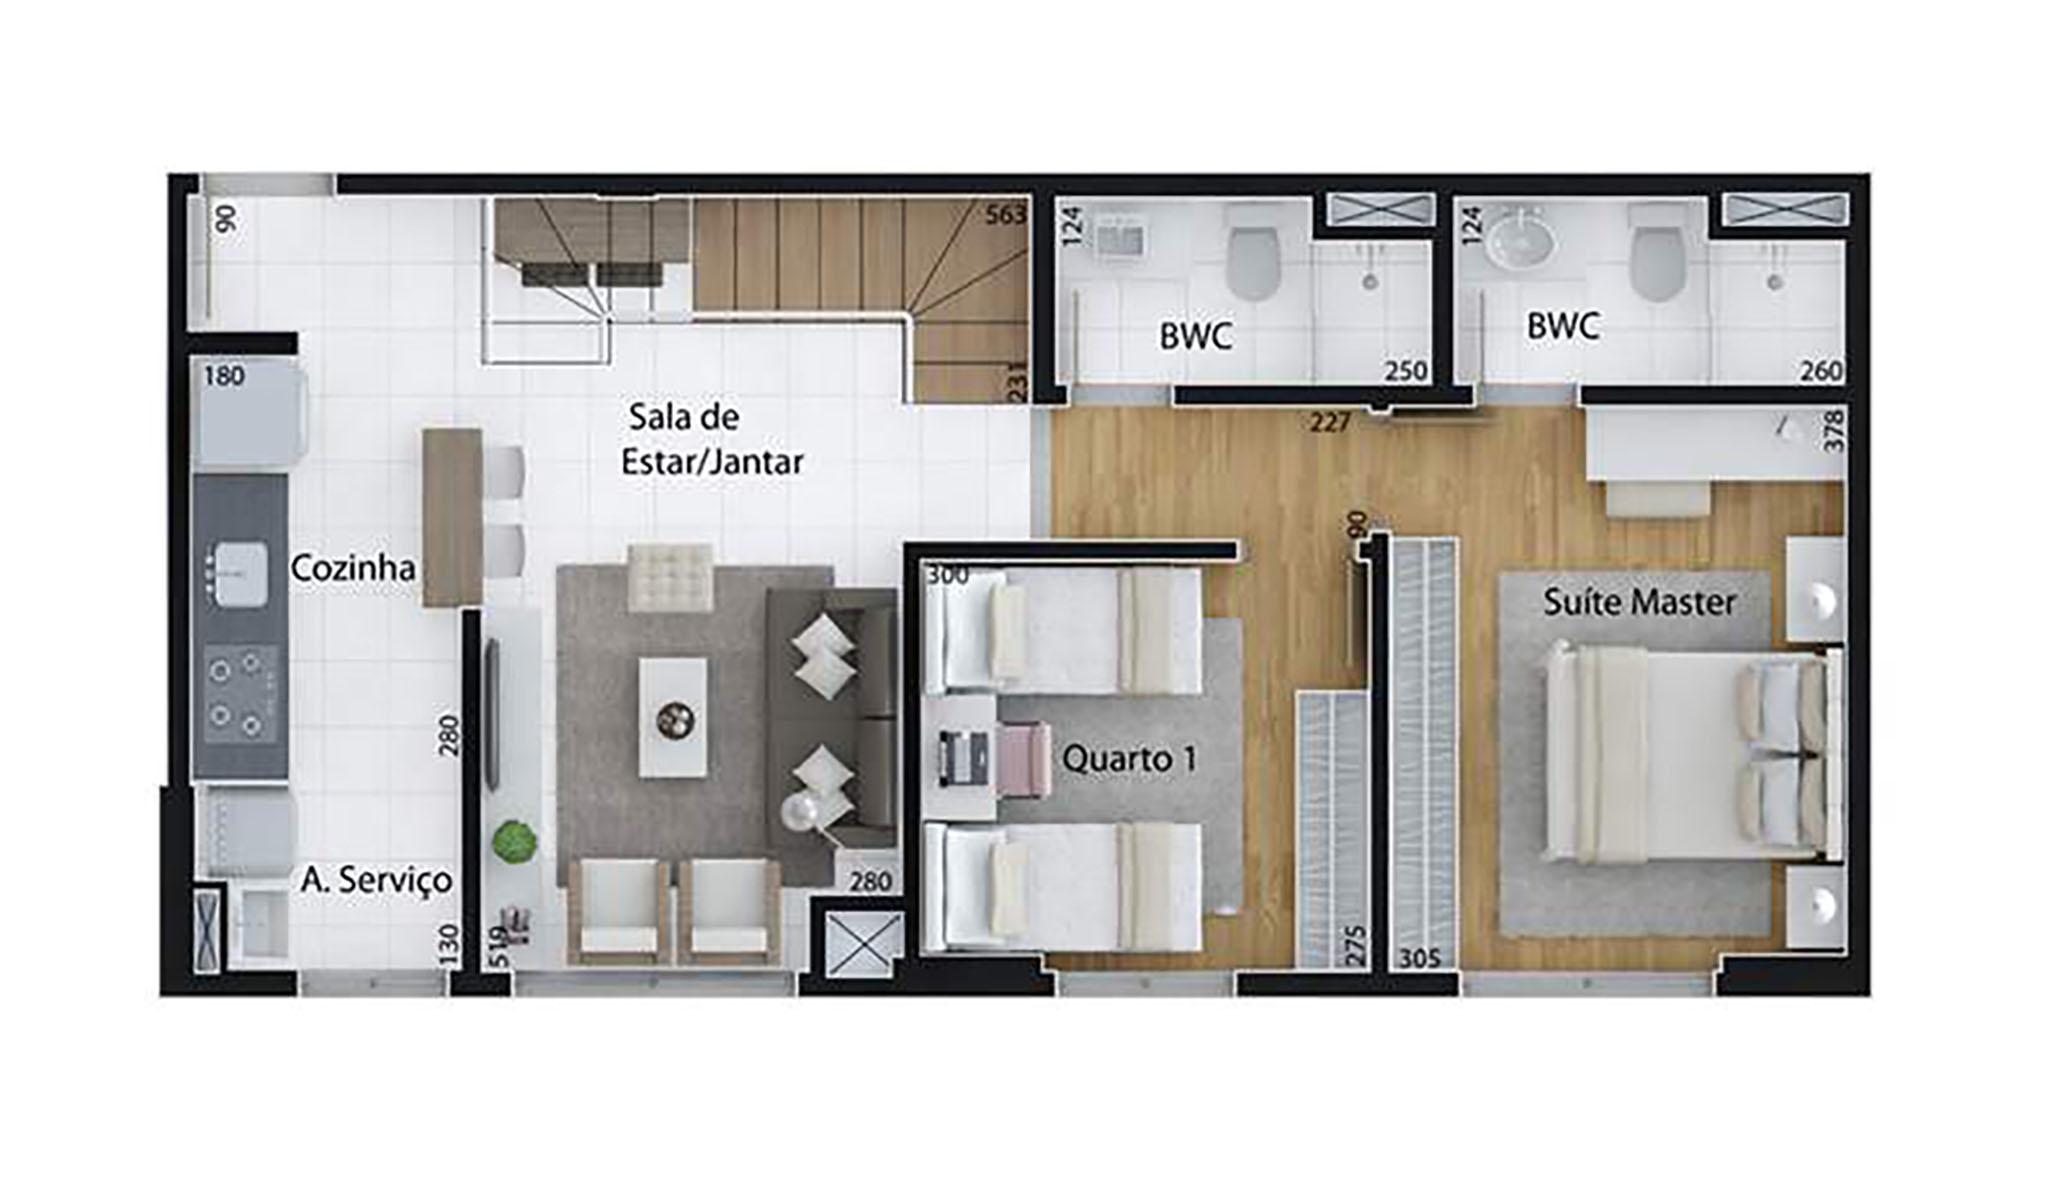 Ilustração Artística da Planta de 123 m², com 2 dorms. (duplex, piso inferior) Set Cabral